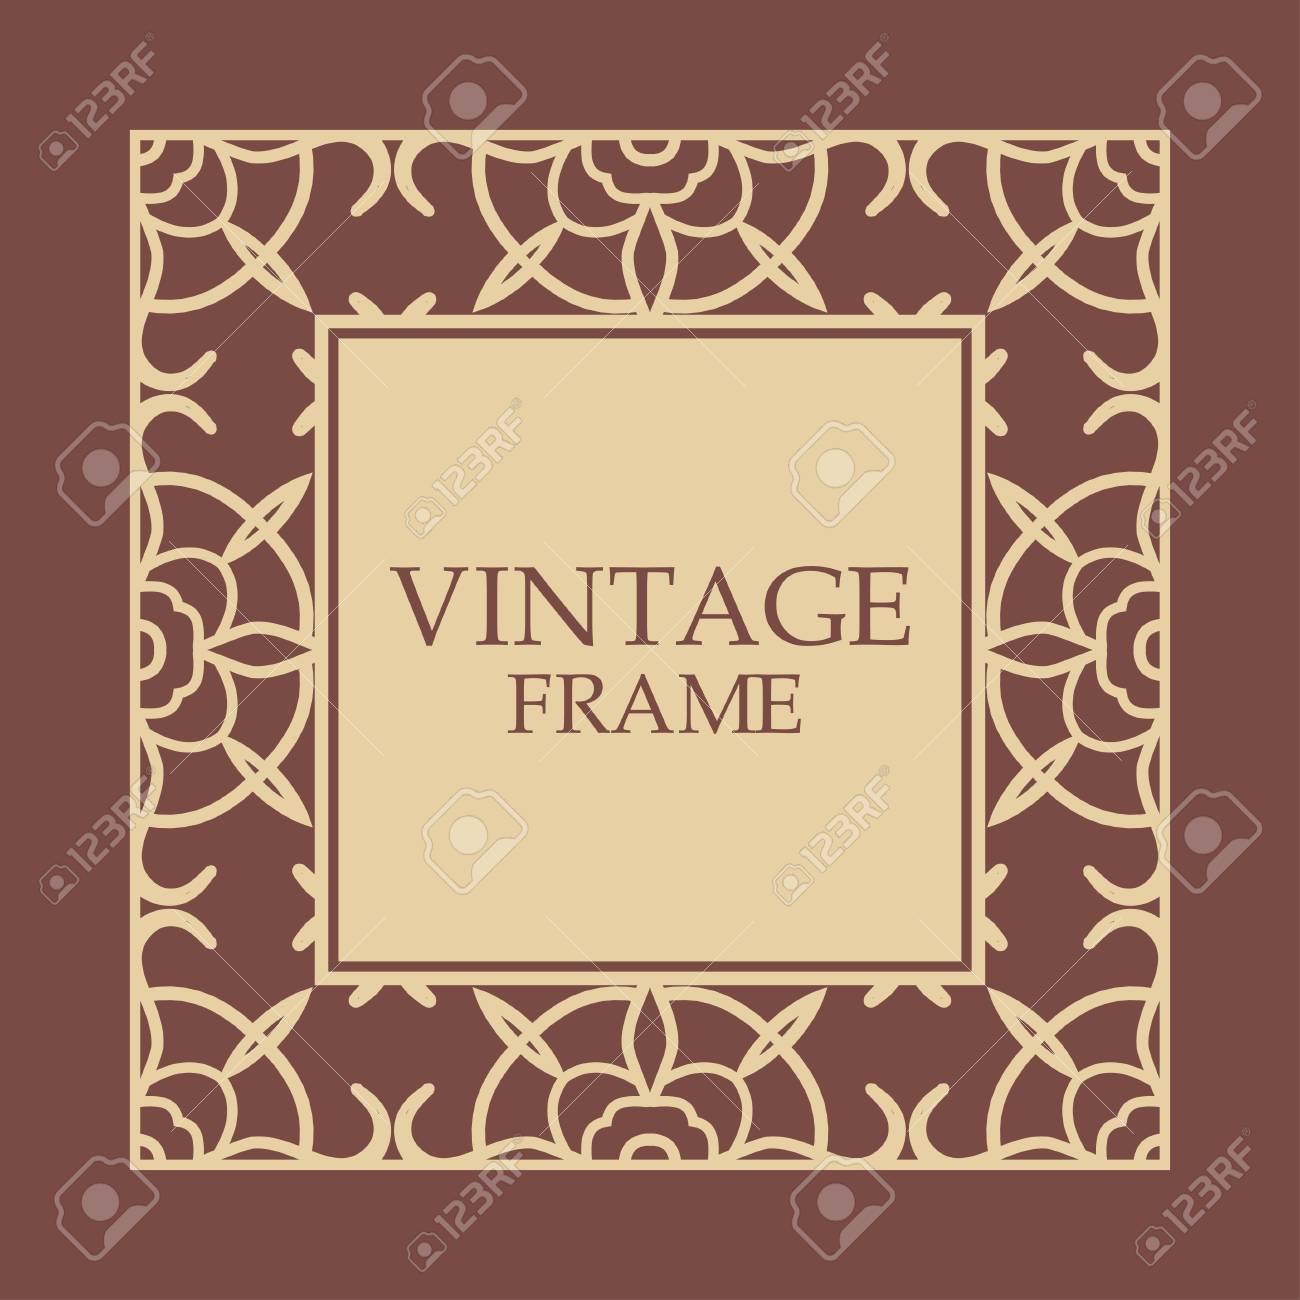 Ornate Vintage Card Design With Ornamental Border Frame Use For